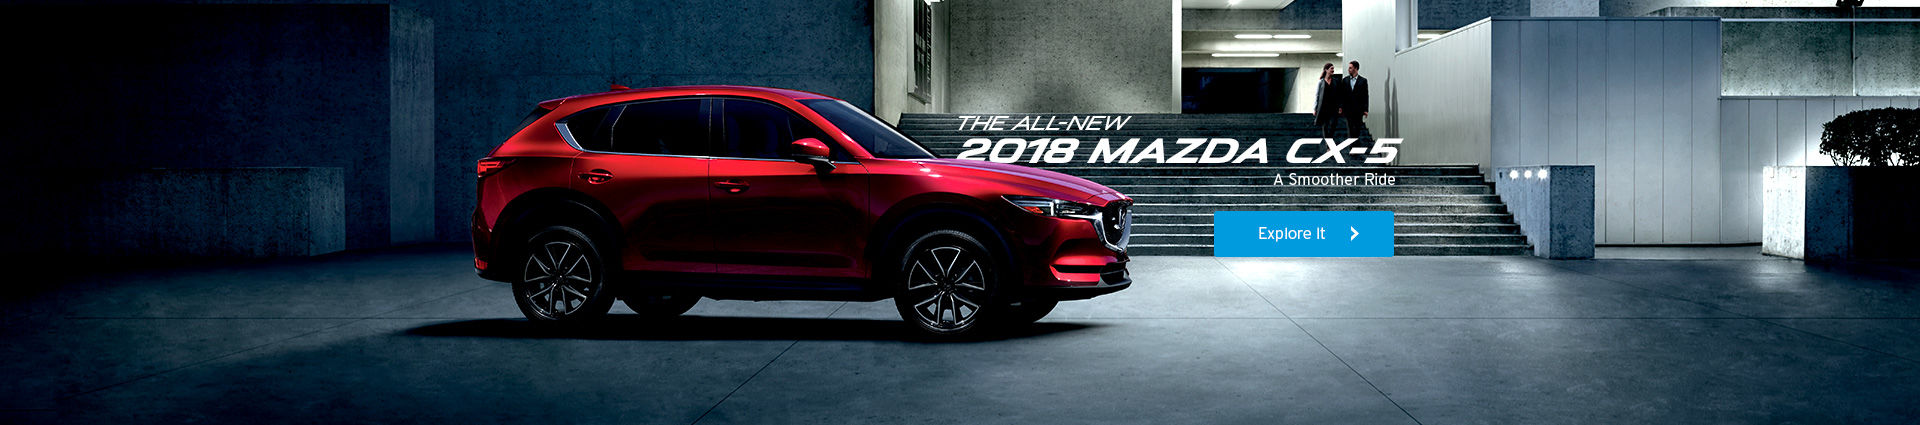 Mazda CX5 - EN